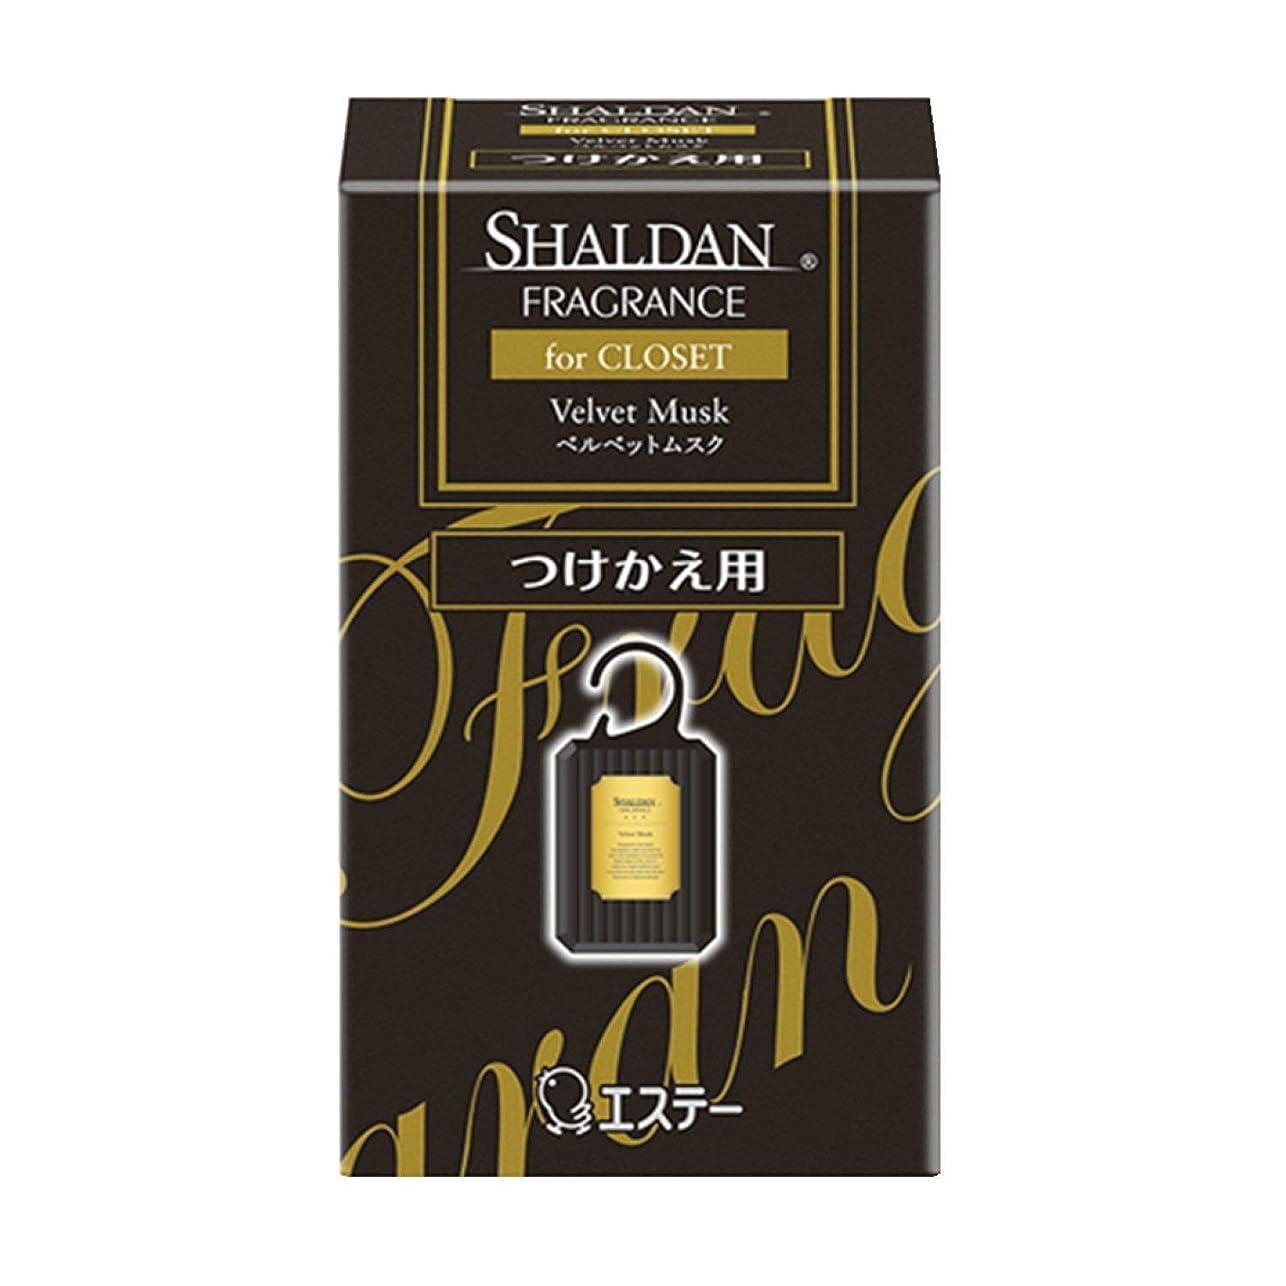 割り当てる極めて重要な英語の授業がありますシャルダン SHALDAN フレグランス for CLOSET 芳香剤 クローゼット用 つけかえ ベルベットムスク 30g